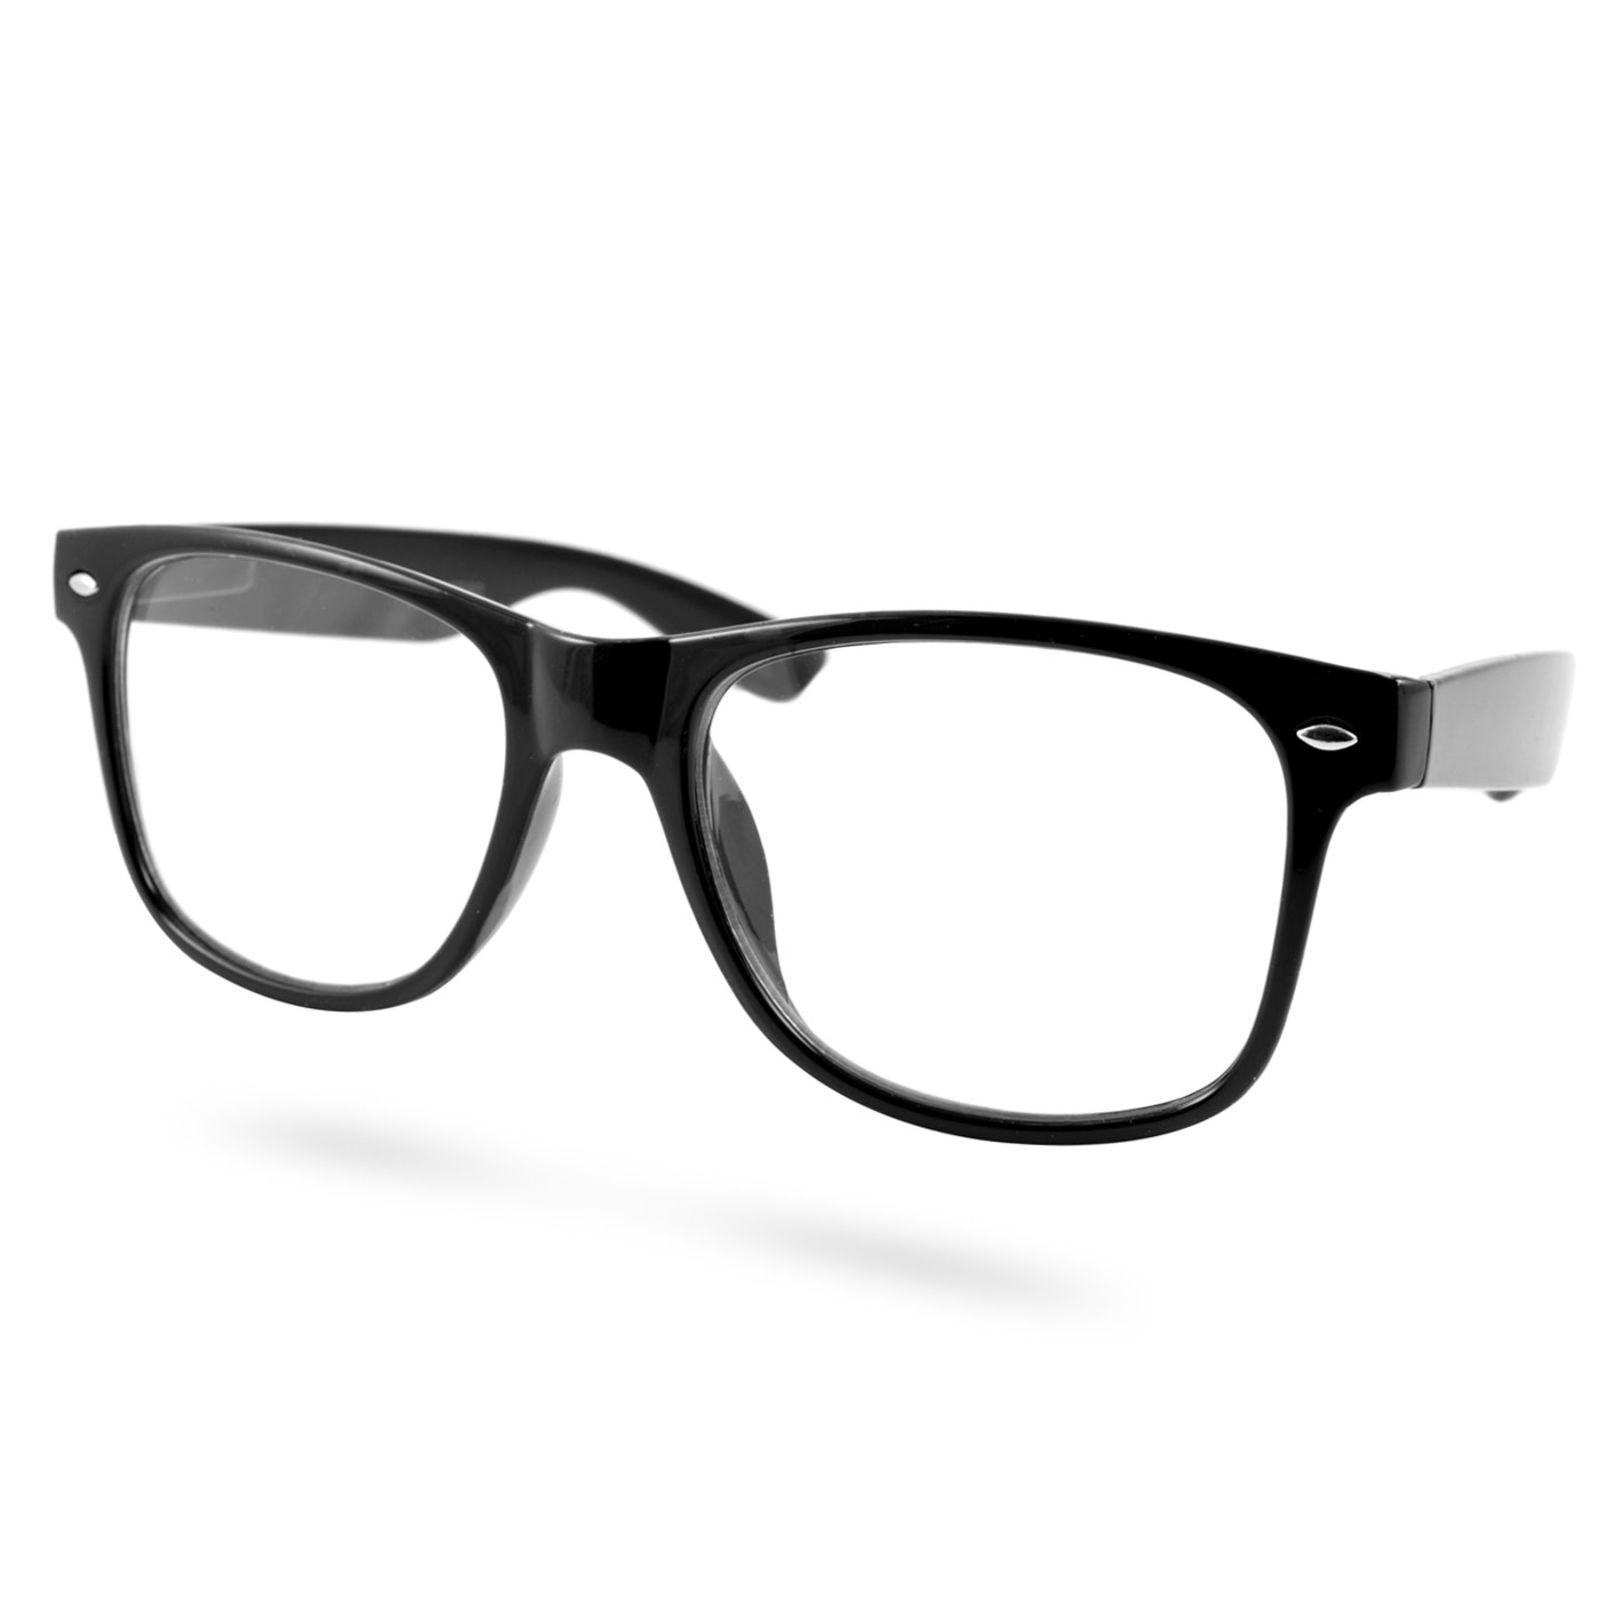 EverShade Malé čierne retro okuliare s čírymi šošovkami - Glami.sk 223afcc8b67